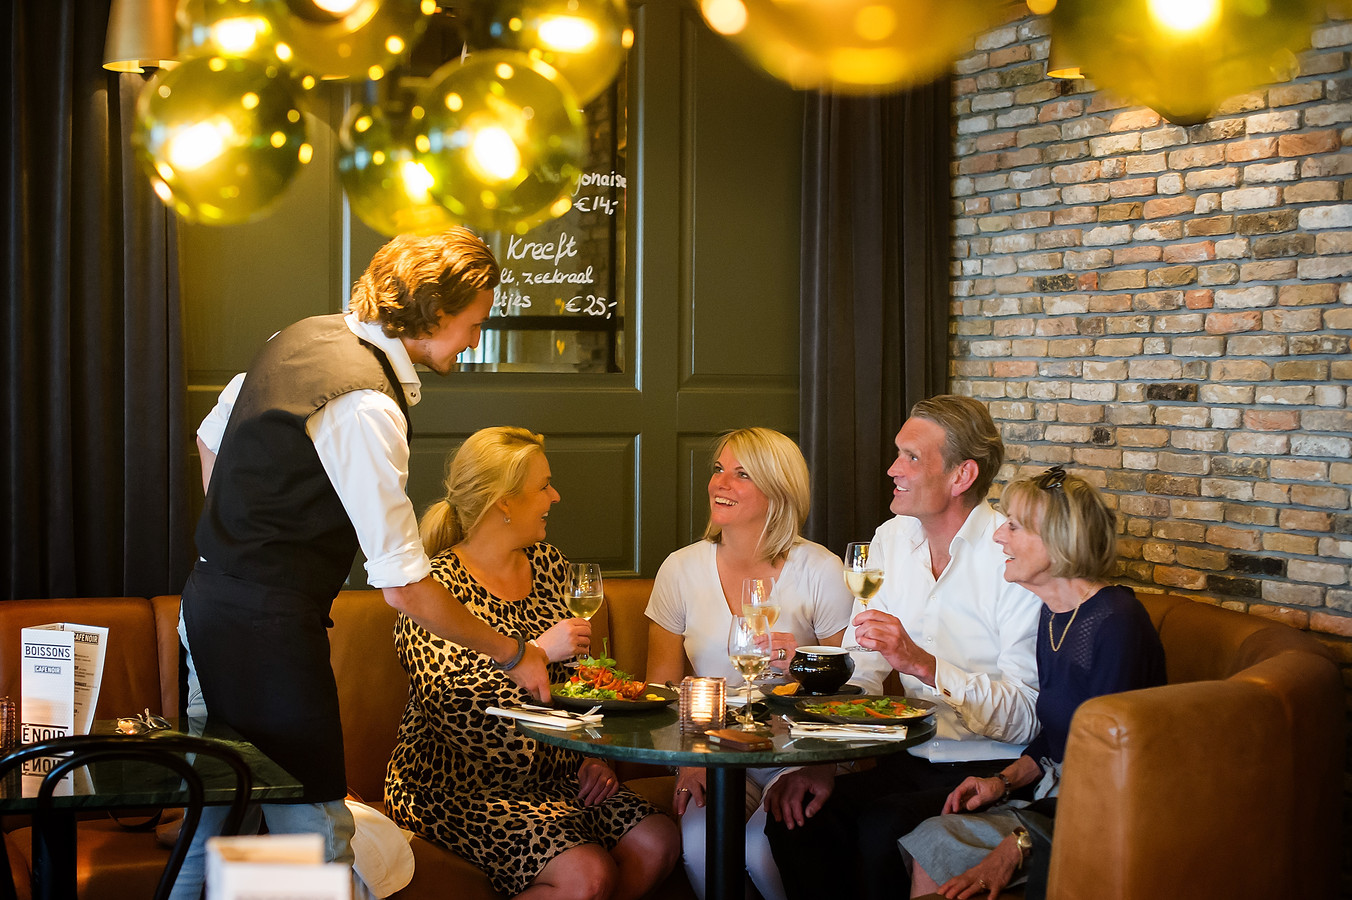 (Vlnr): Nicole Migchielsen, Marie Antoinette Schoone, Vincent Verschuren en Marieke Mateijsen in Café Noir Breda. Foto: Else Loof/Pix4Profs.